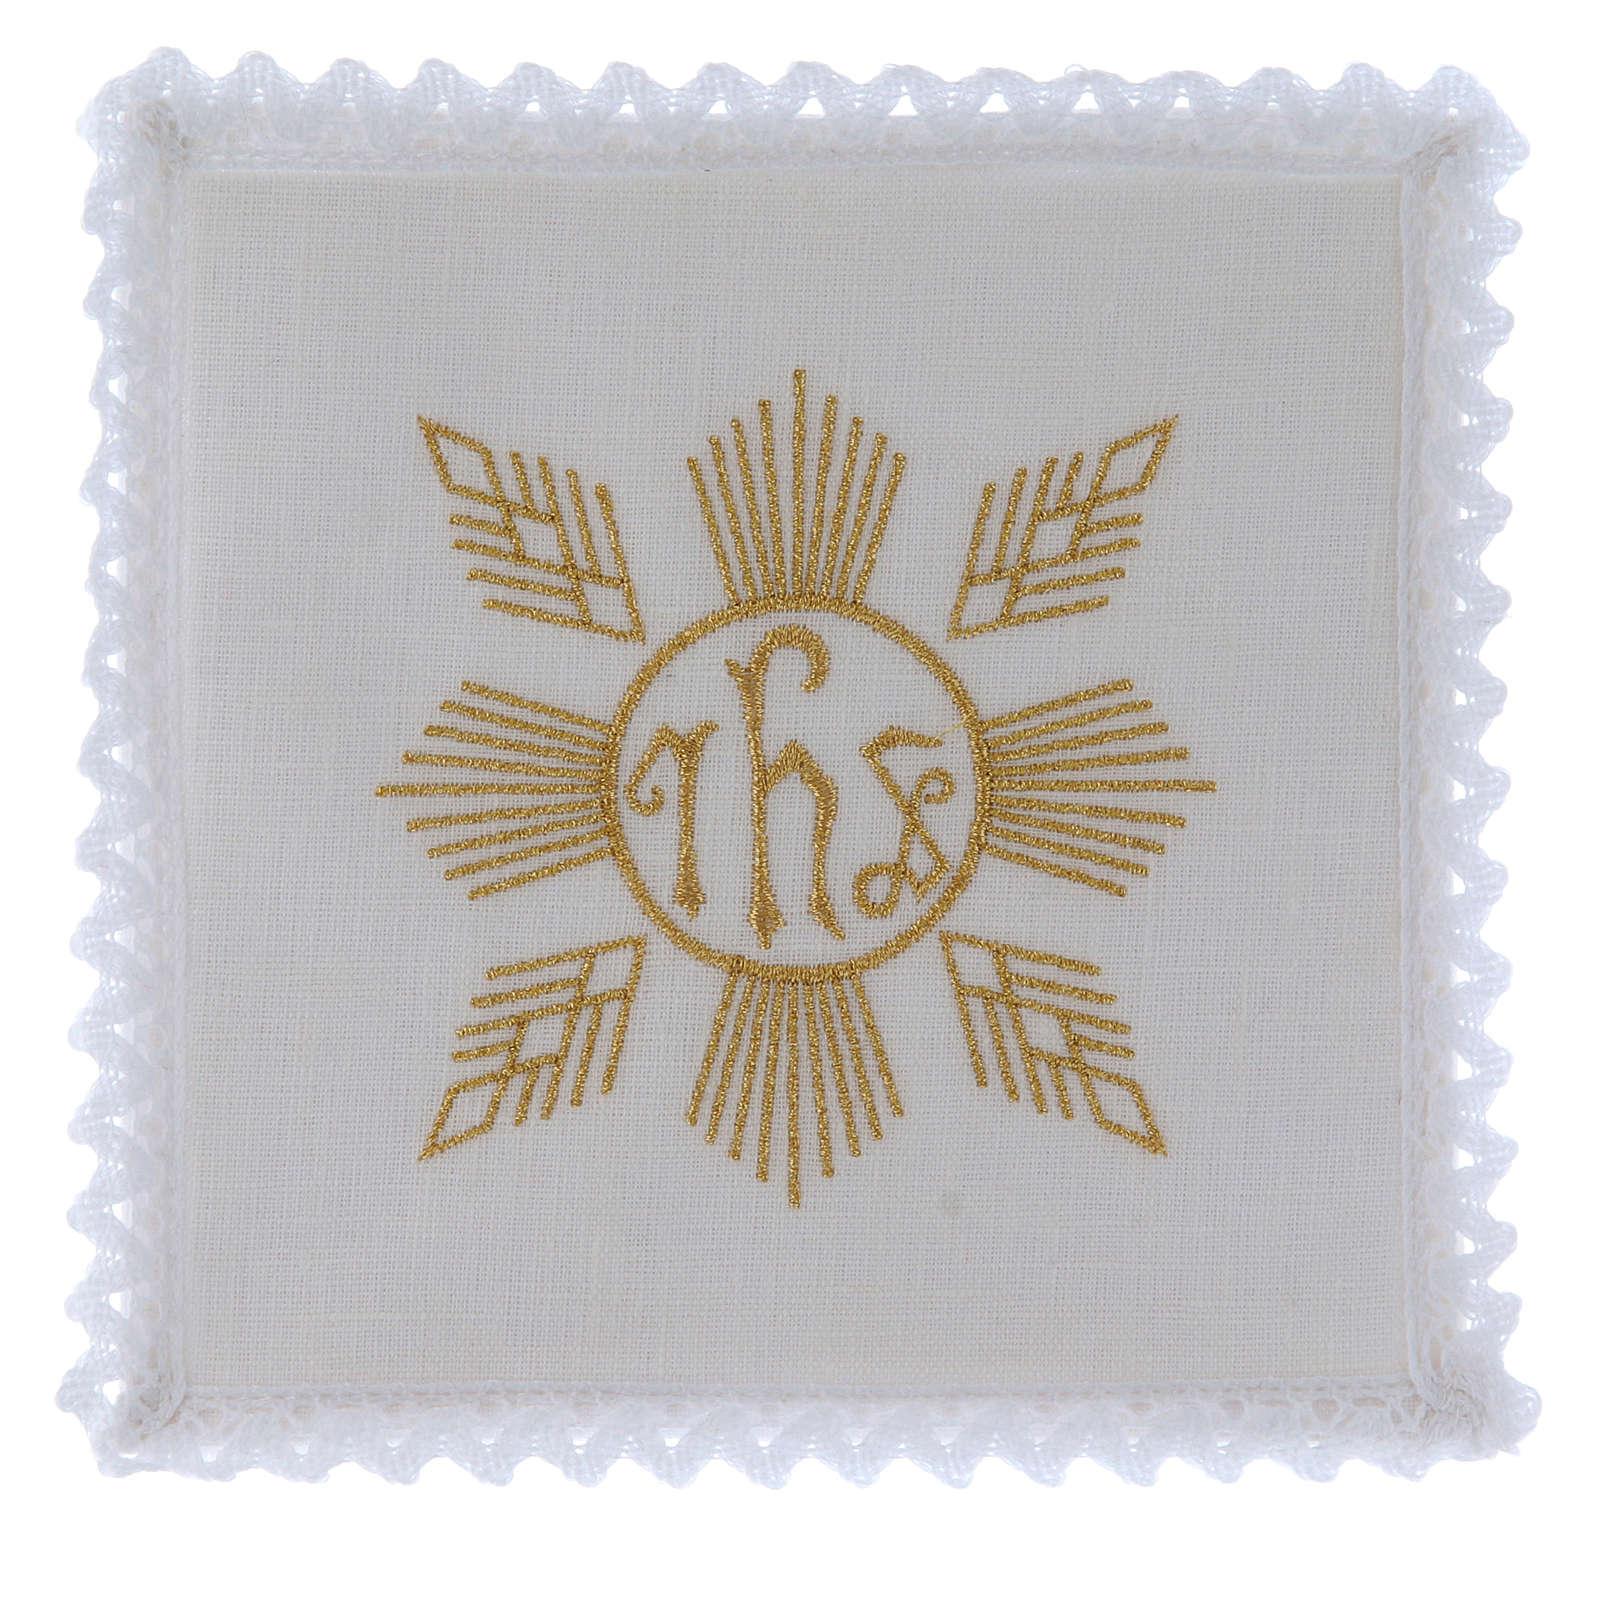 Linge d'autel lin broderie dorée formes géométriques symbole IHS 4